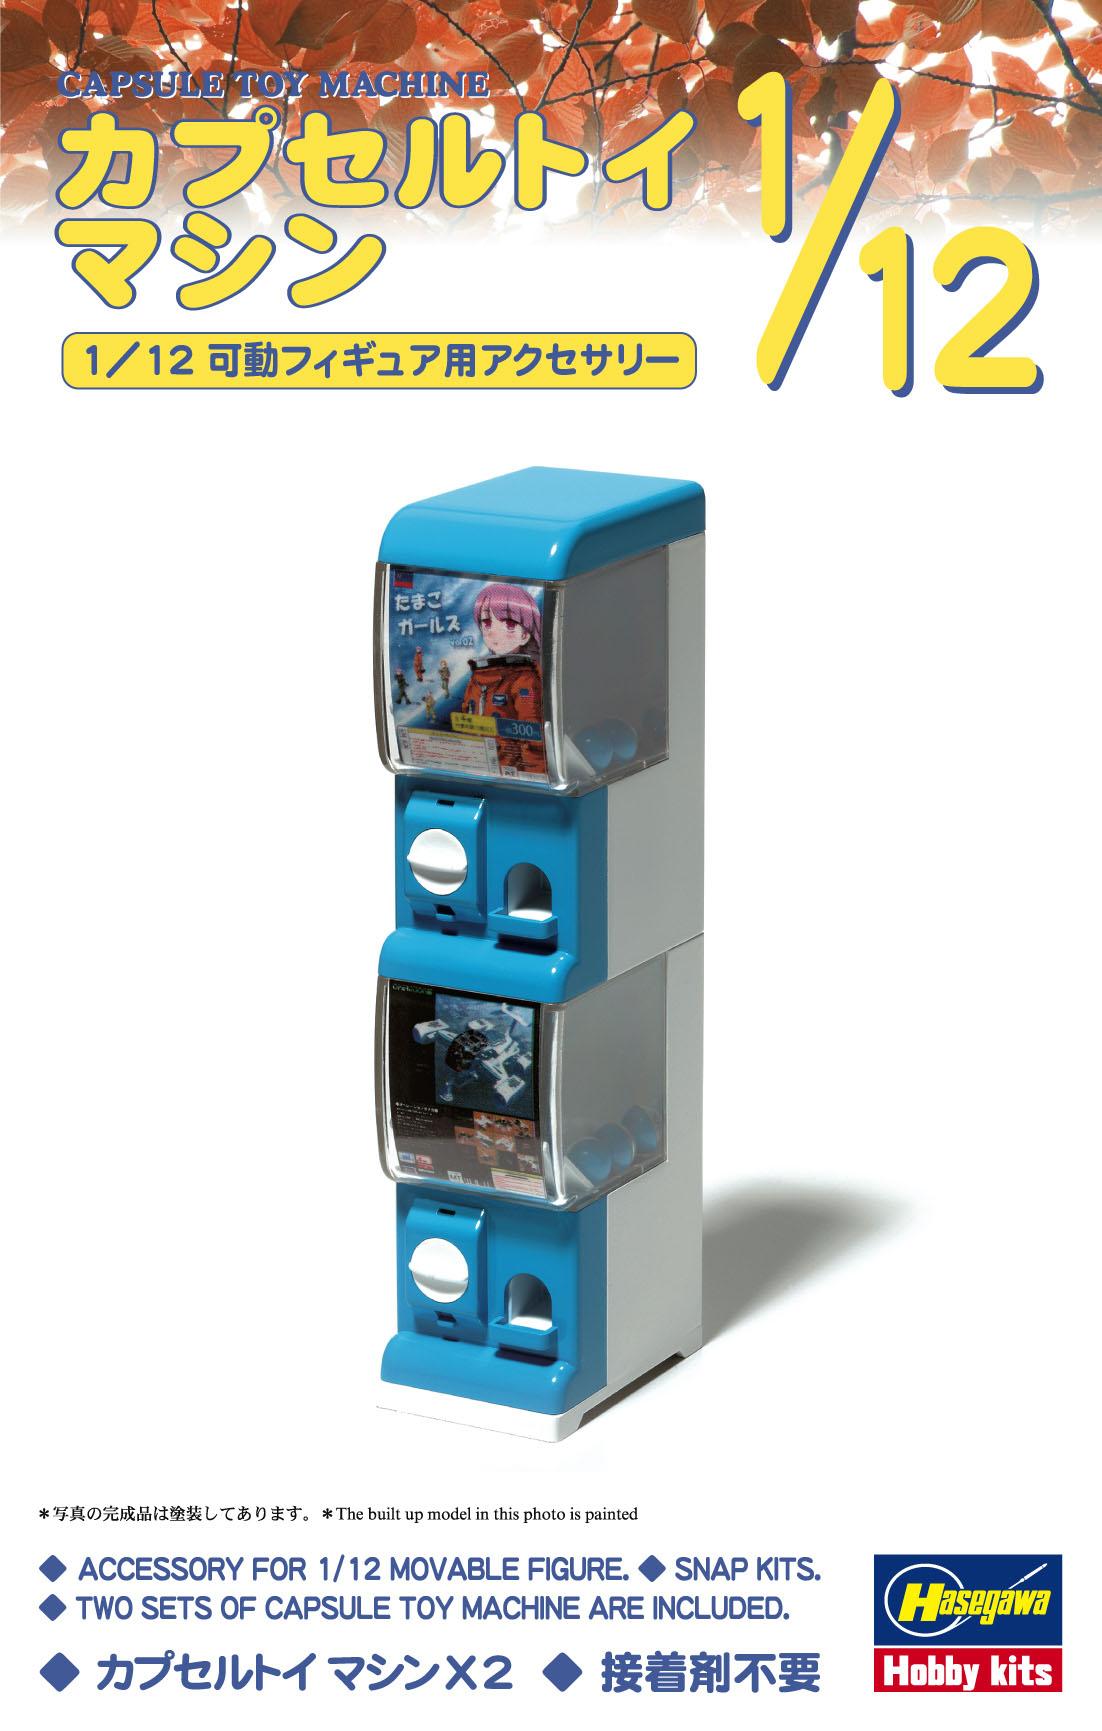 Hasegawa Capsule Toy Machine